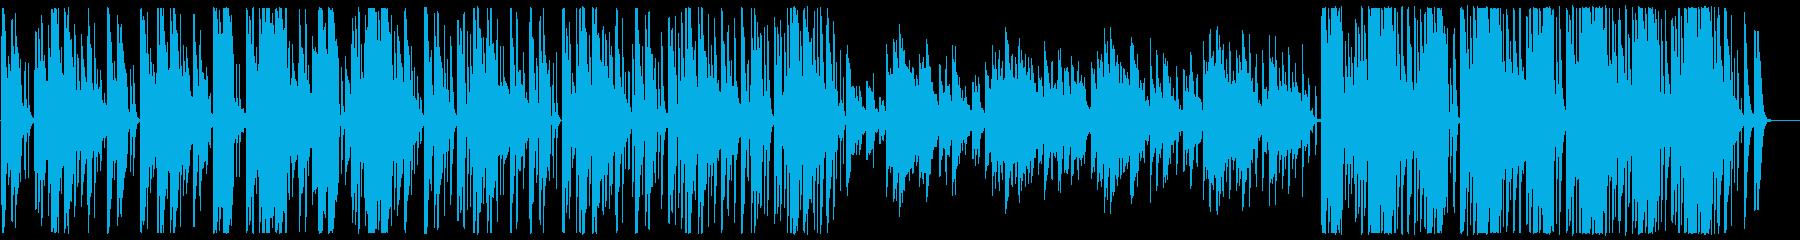 神秘的なオリエンタルBGMの再生済みの波形